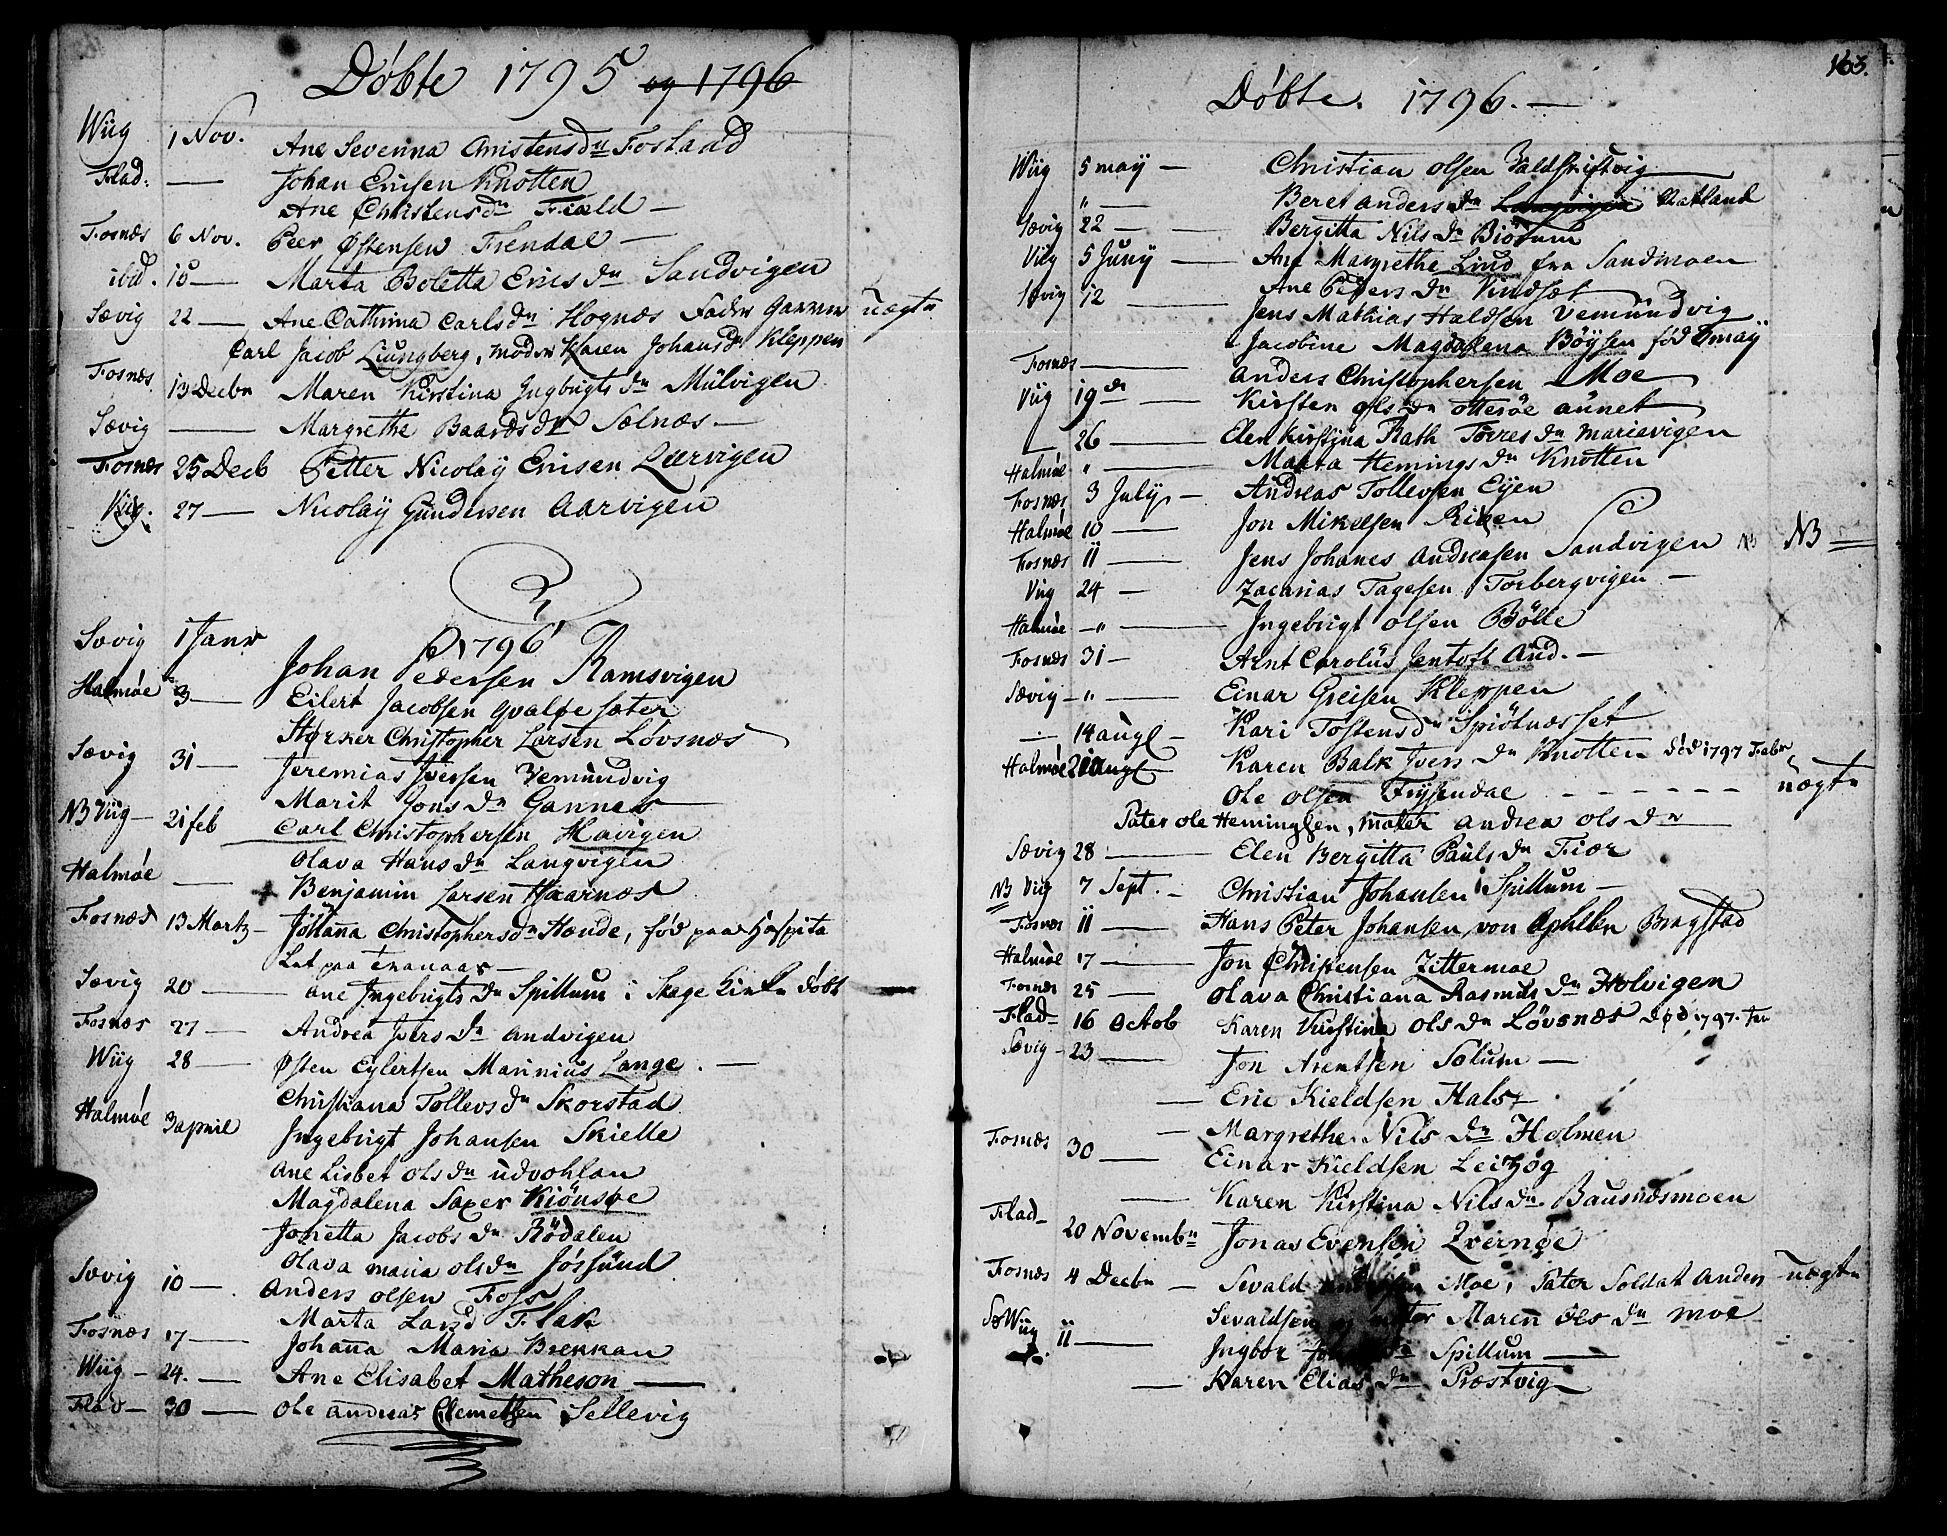 SAT, Ministerialprotokoller, klokkerbøker og fødselsregistre - Nord-Trøndelag, 773/L0608: Ministerialbok nr. 773A02, 1784-1816, s. 163